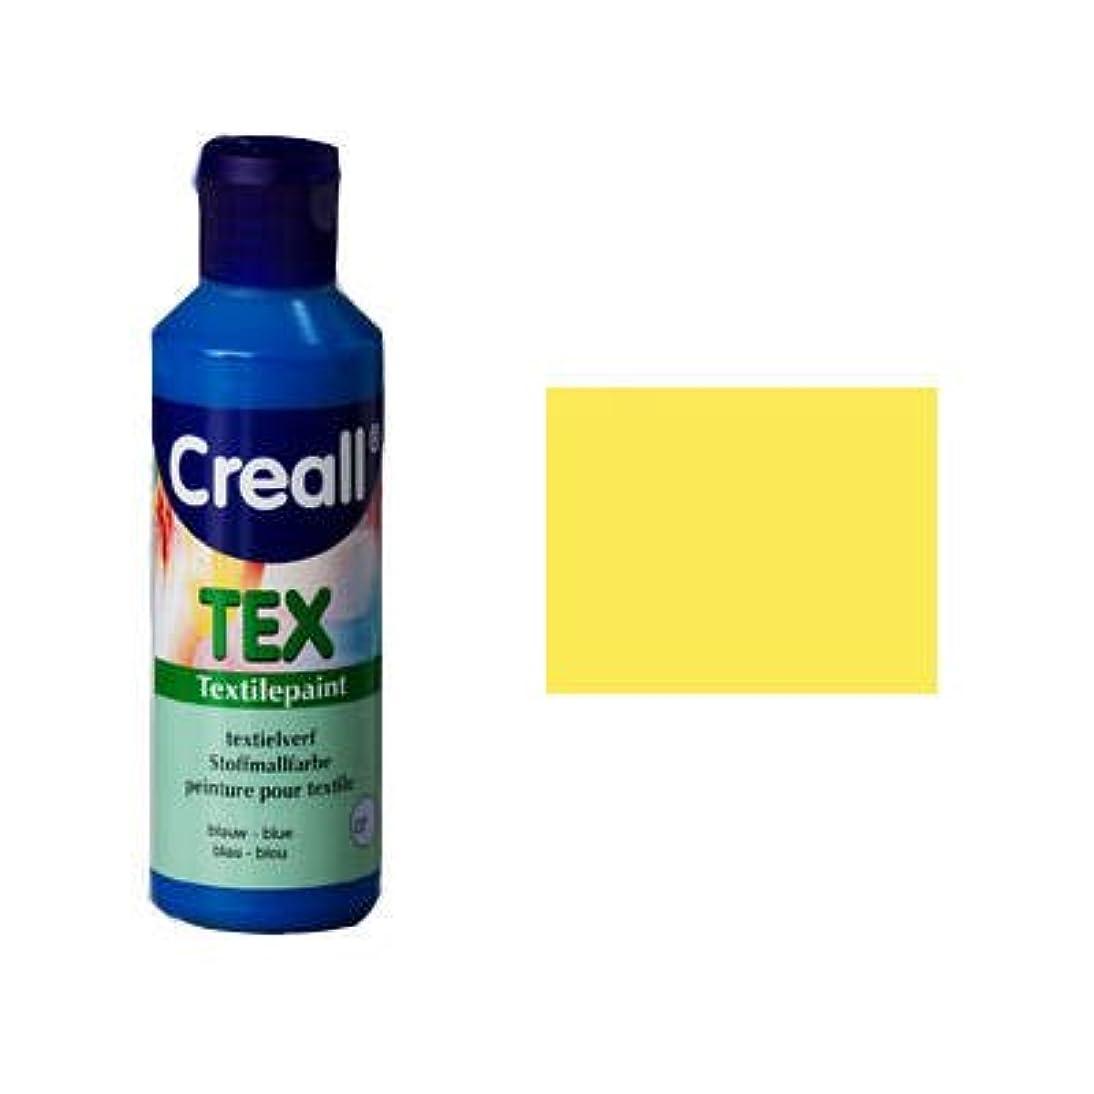 Creall Havo90701 80 ml 01 Light Yellow Havo Textile Paint Bottle